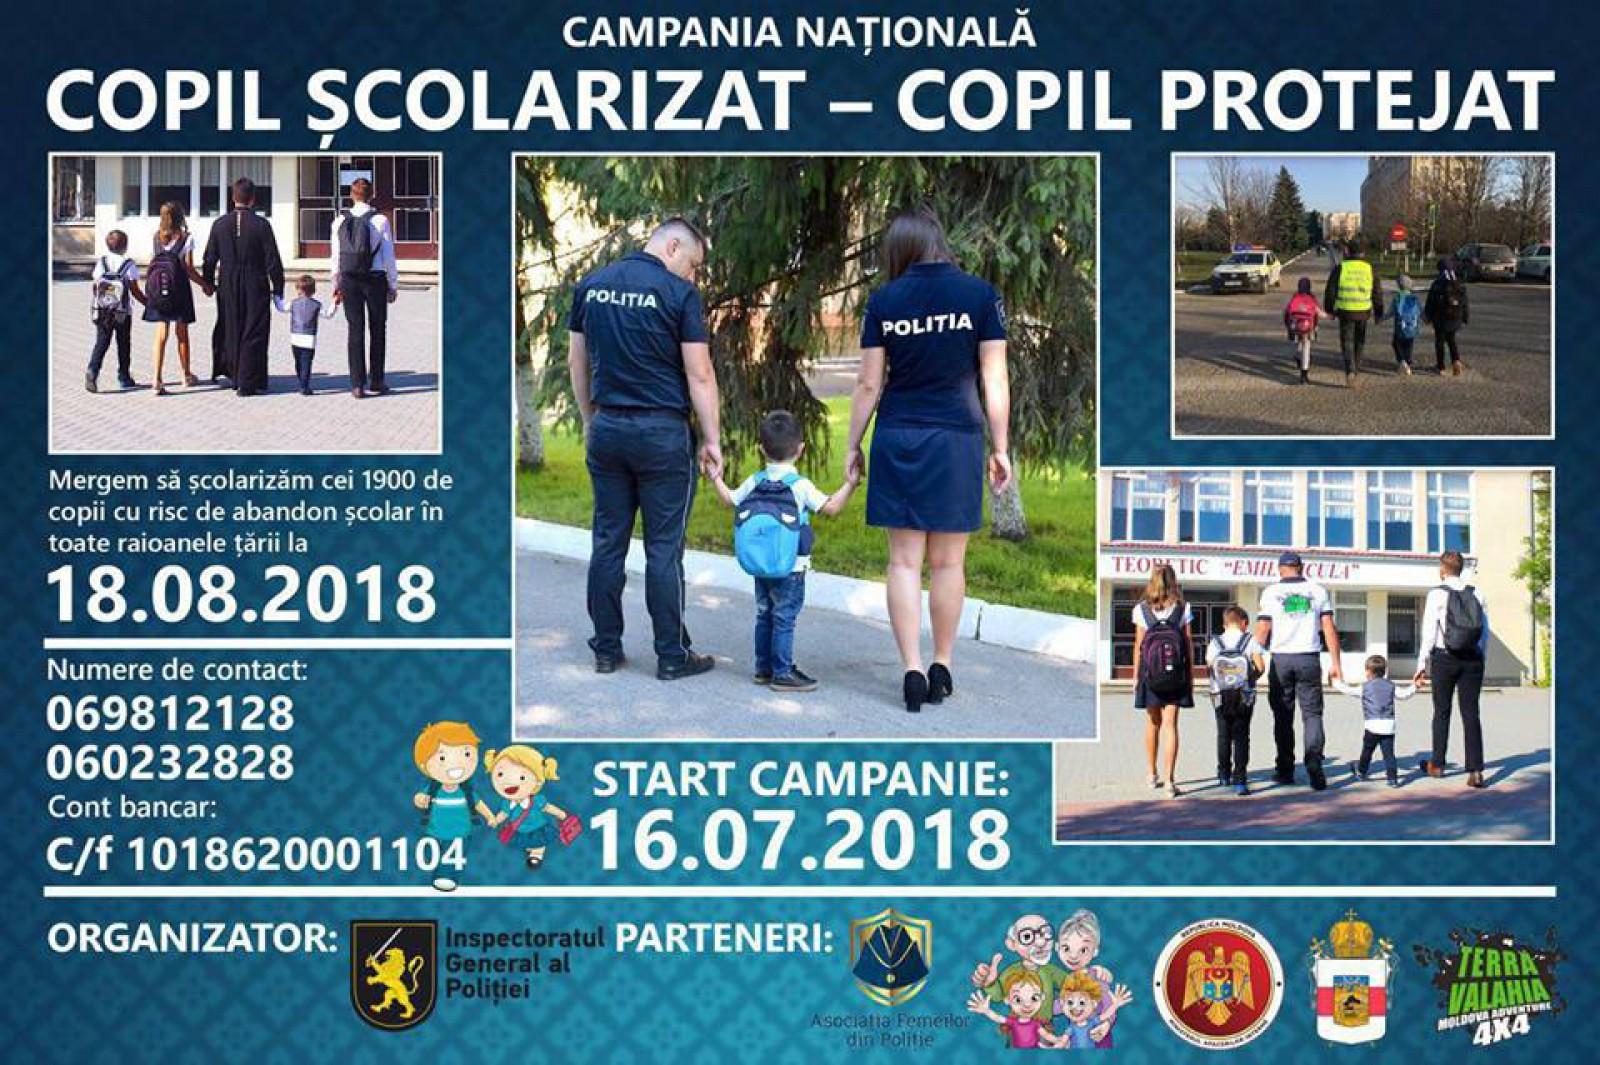 """(video) Campania """"Copil școlarizat - copil protejat"""" a Inspectoratului General de Poliție: Gheorghe Cavcaliuc și alți 12 șefi de Poliție au donat jumătate din salariu pentru rechizite și haine pentru copii"""